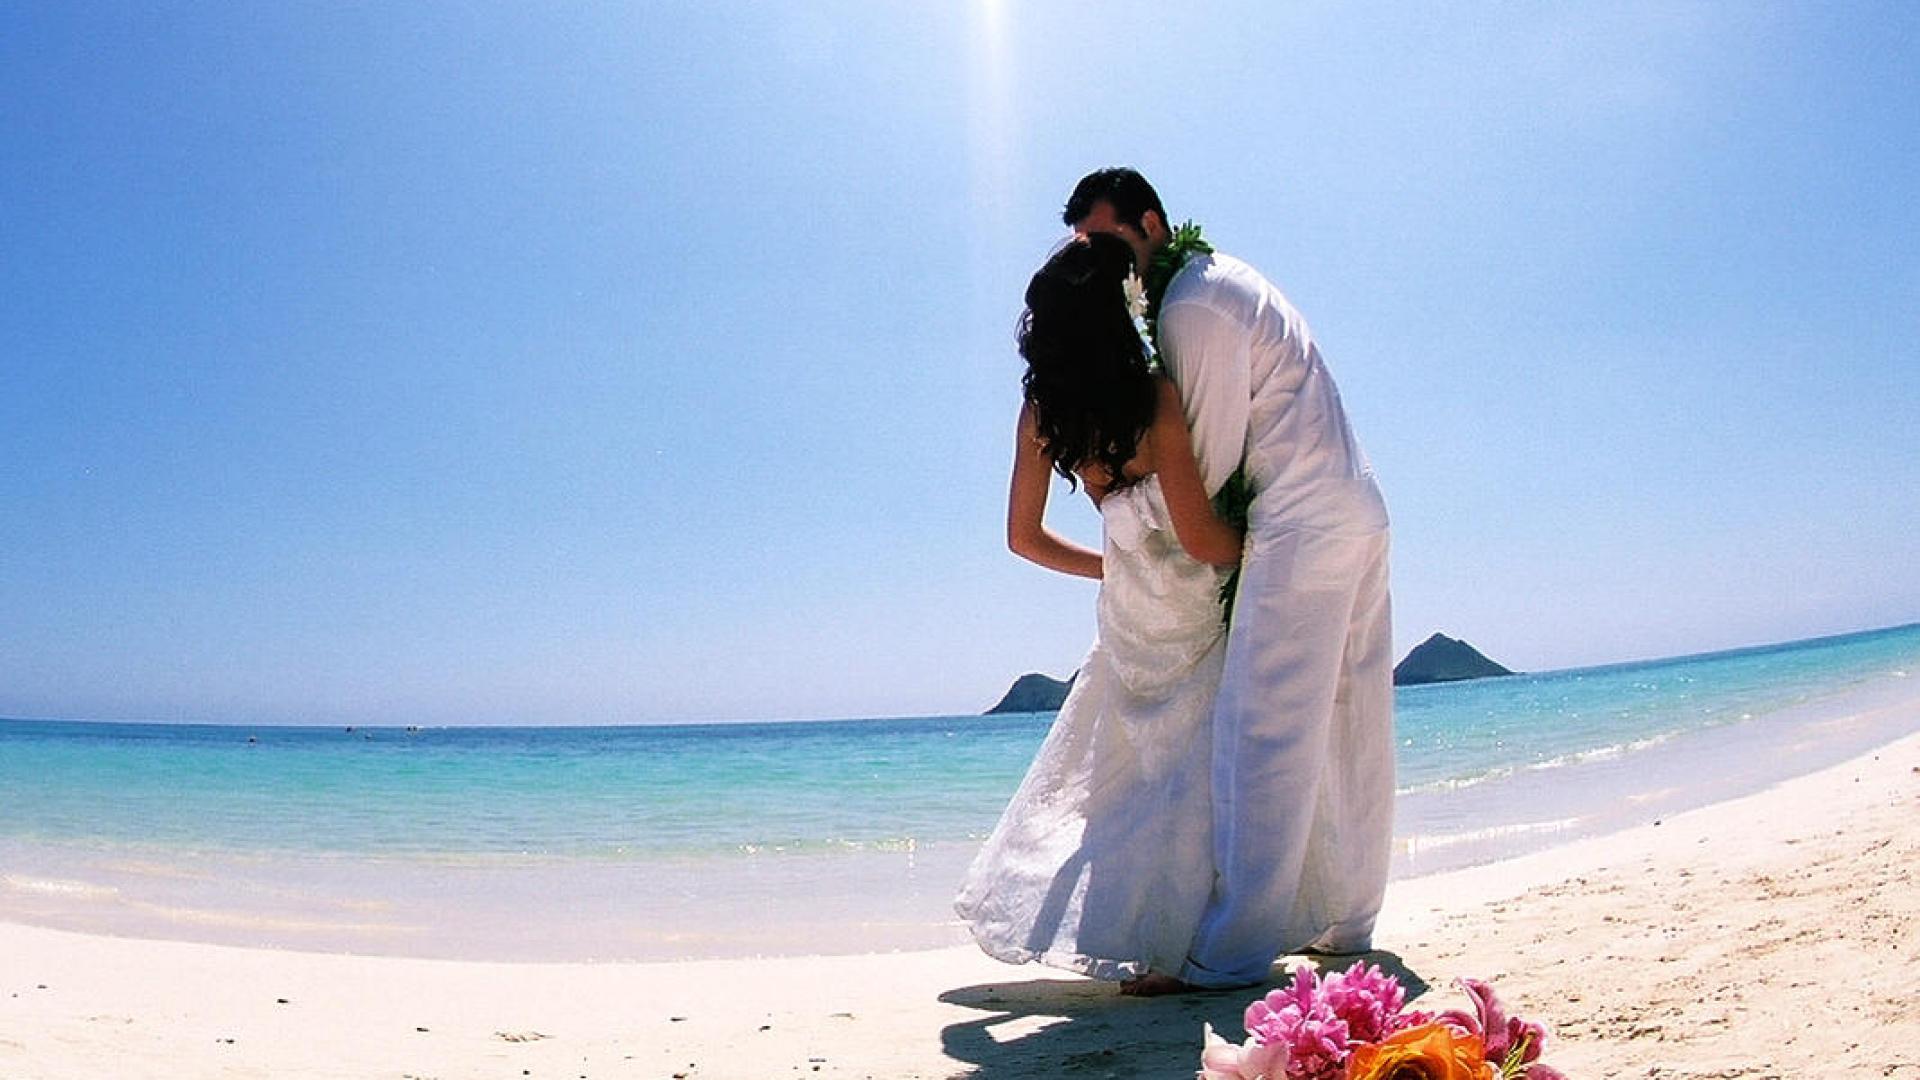 Hawaii Beach Wedding Photos HD Wallpaper of Wedding   hdwallpaper2013 1920x1080